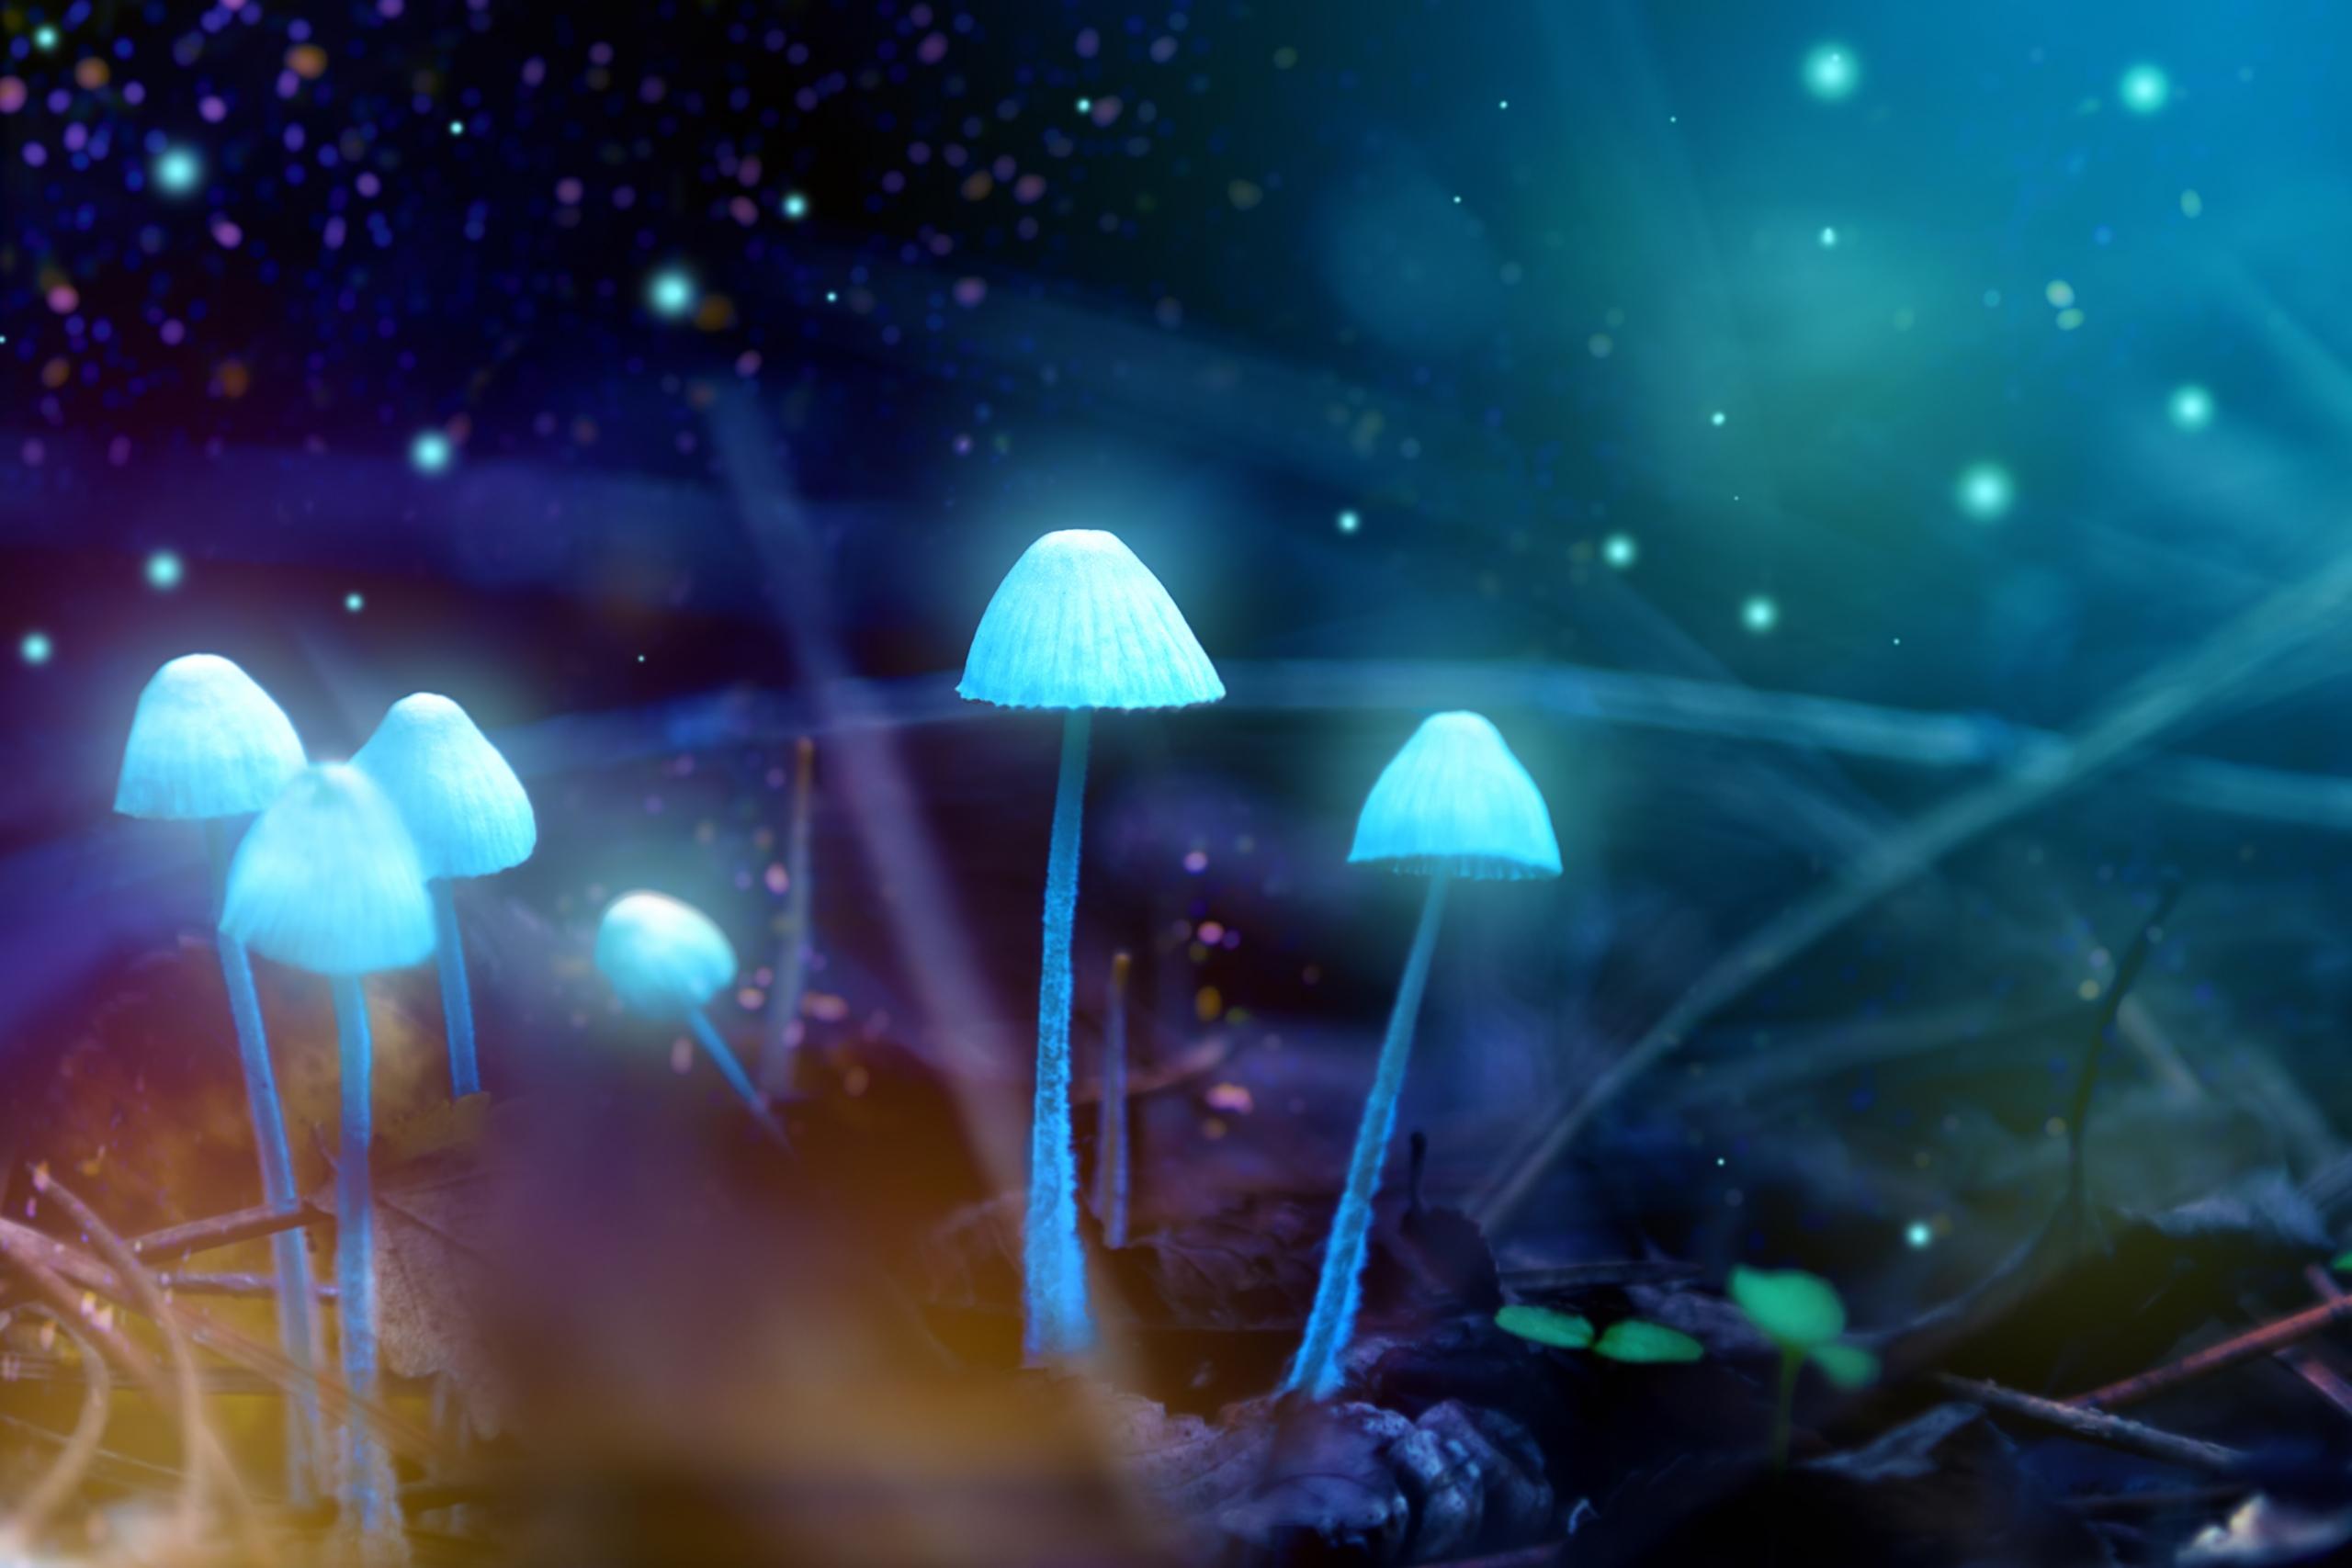 Zauberpilze: Mehr als nur Psilocybin?